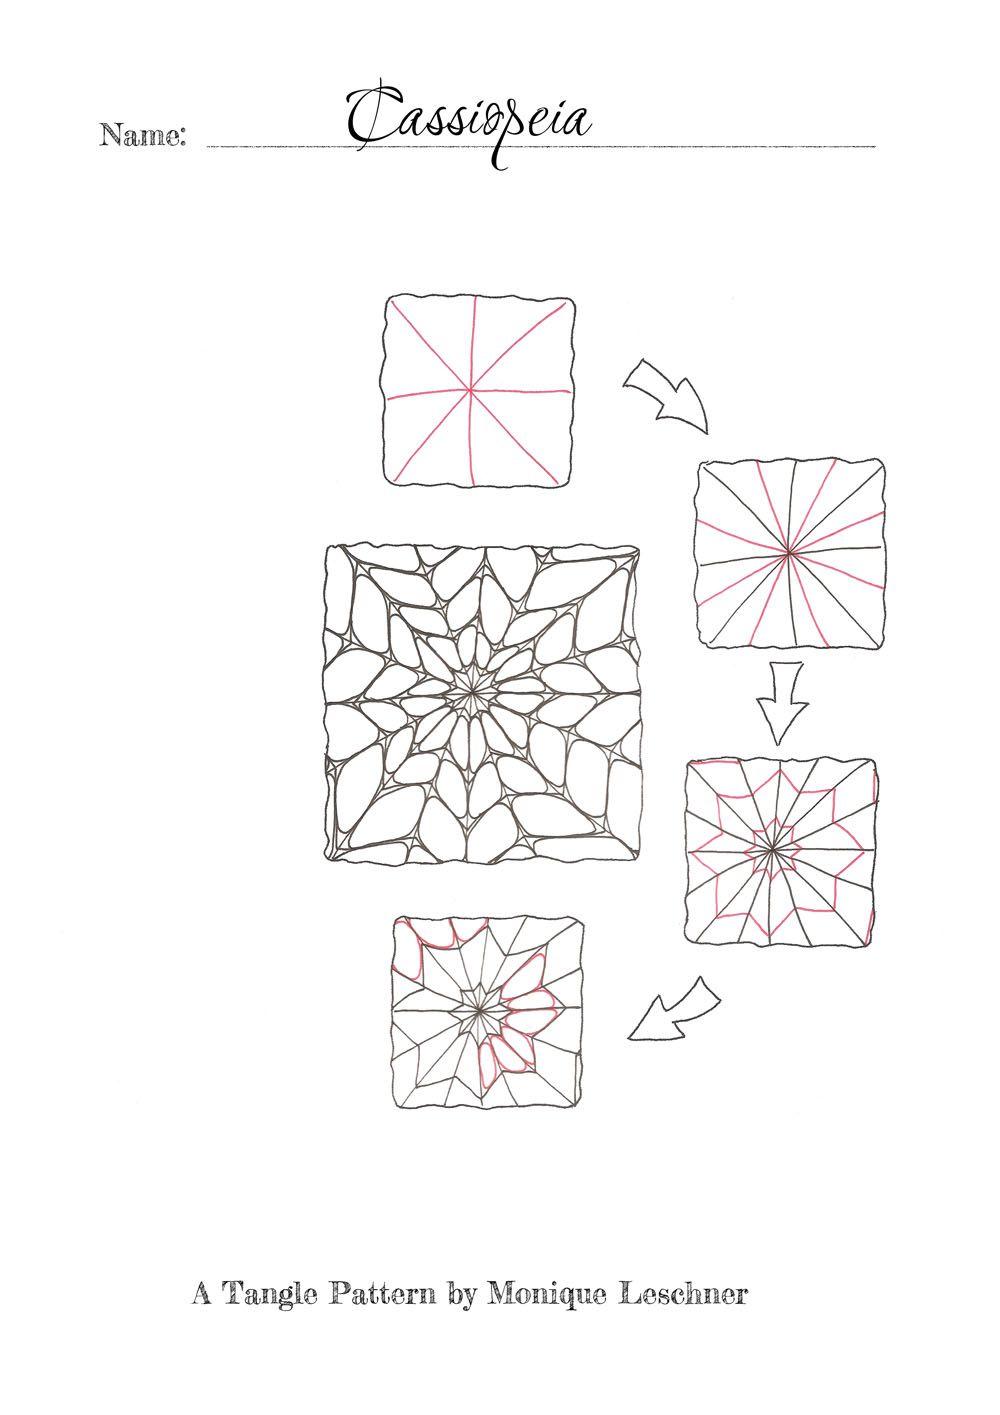 Cassiopeia | Zentangle Tangles!! | Pinterest | Fehler, Willkommen ...